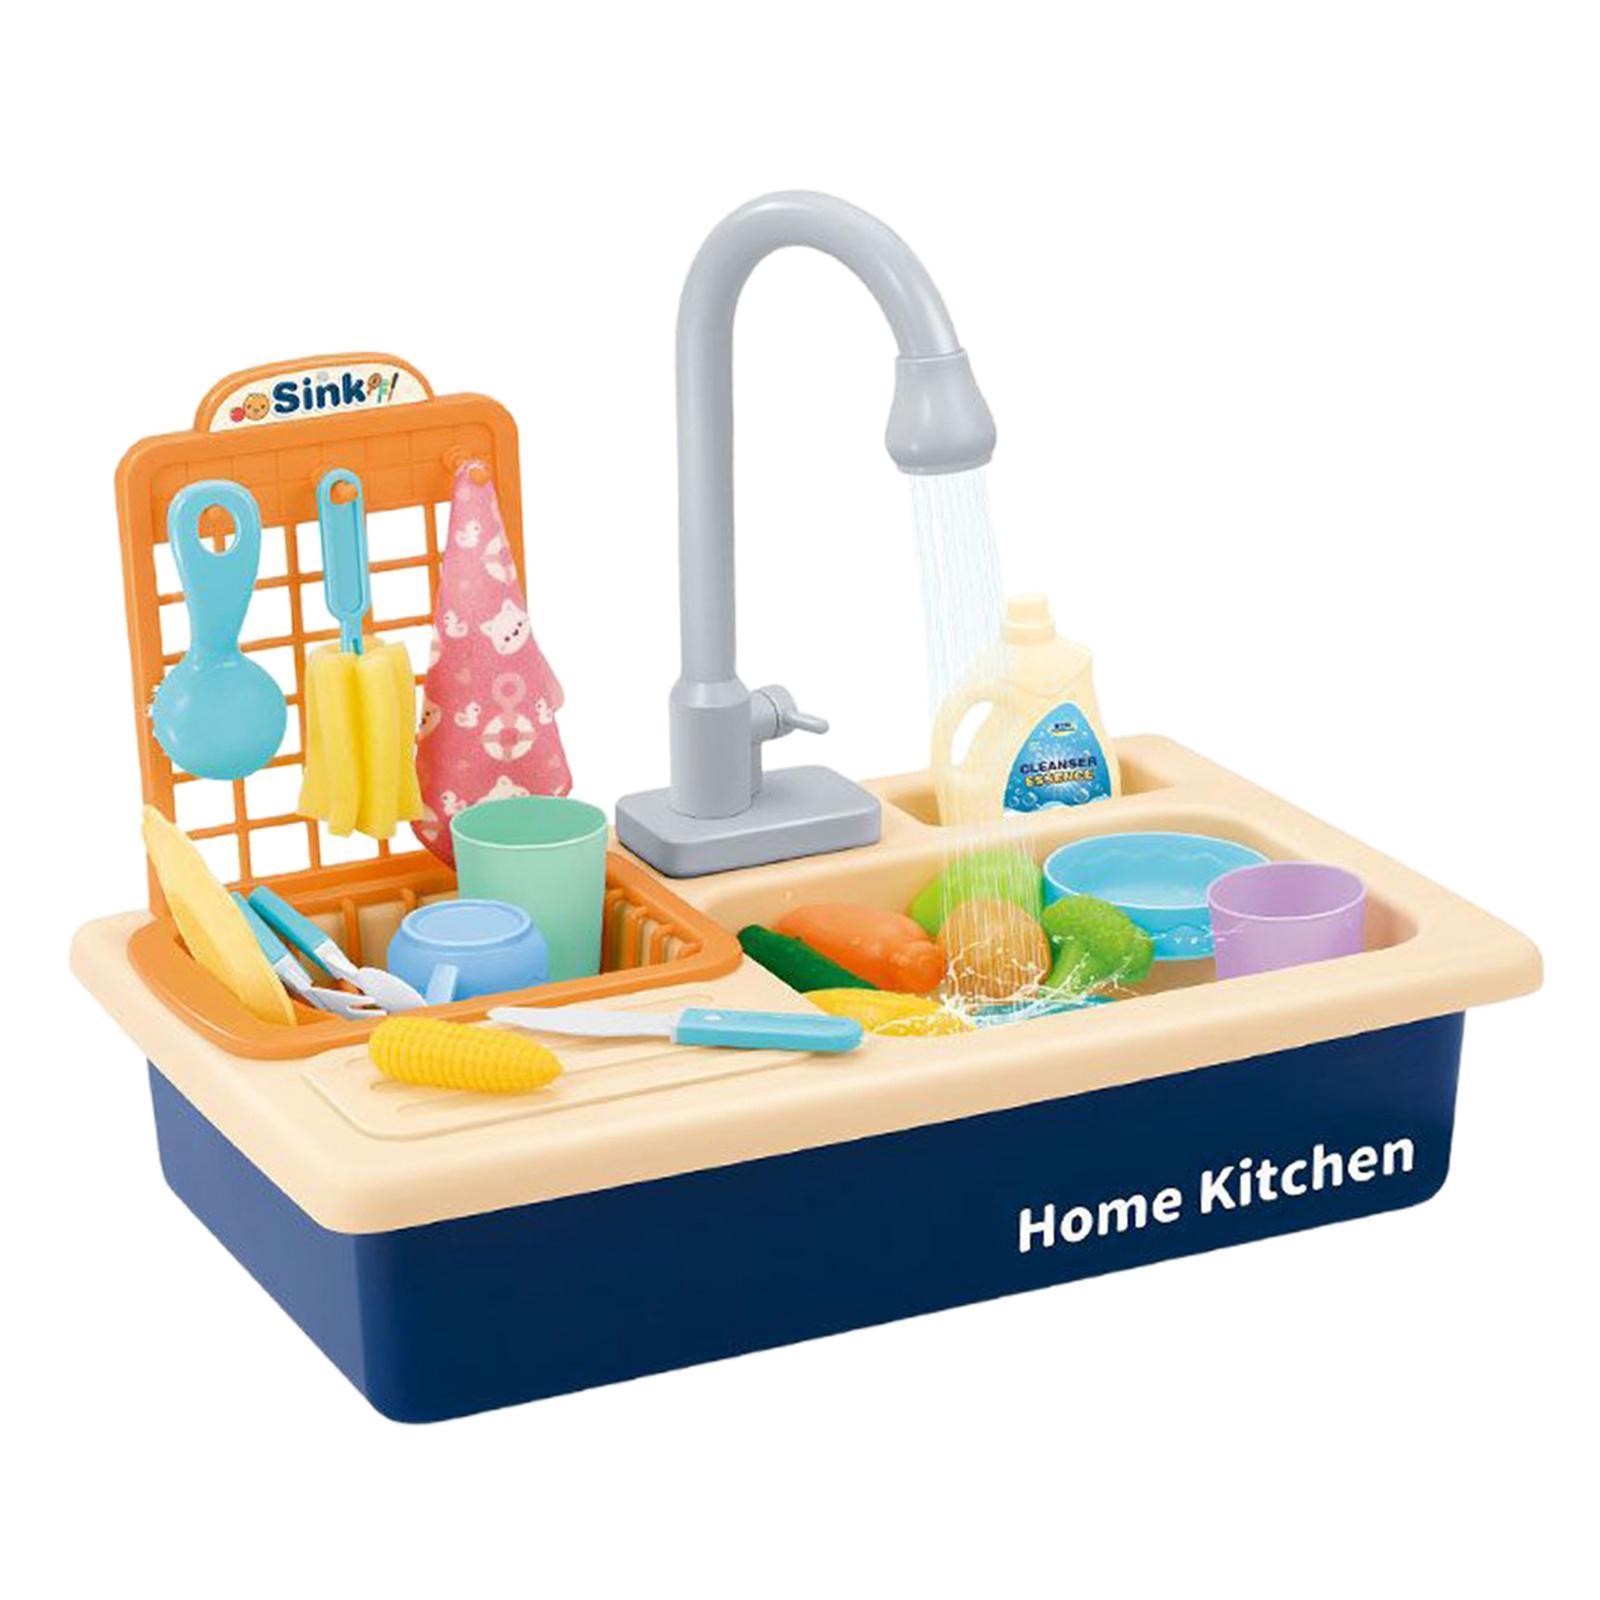 Indexbild 4 - Kinder-Kueche-Spielen-Waschbecken-Spielzeug-Automatische-Wasser-Zyklus-System